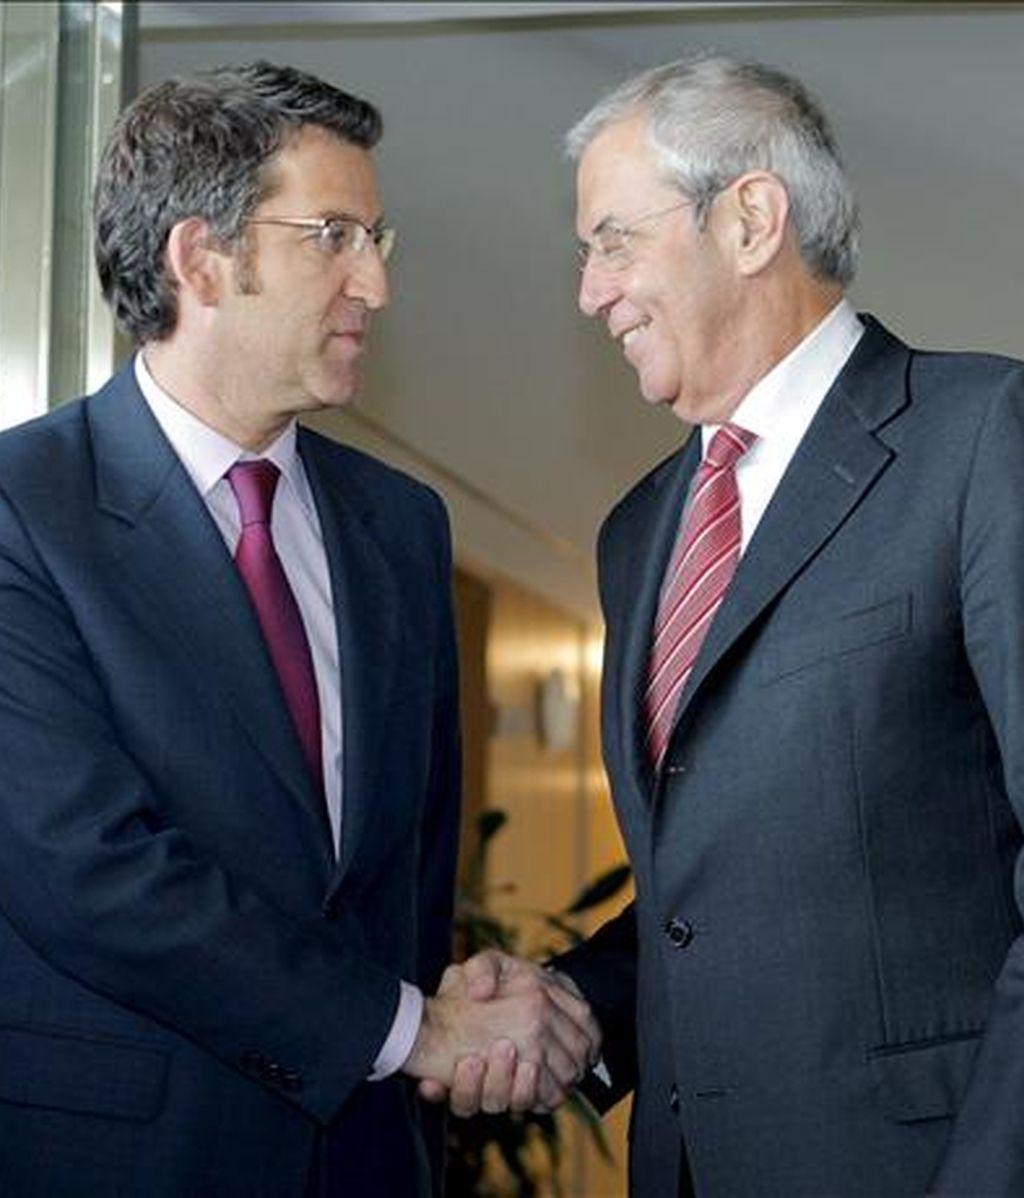 El presidente de la Xunta en funciones, Emilio Pérez Touriño (d), y el presidente electo, Alberto Núñez Feijoo. EFE/Archivo